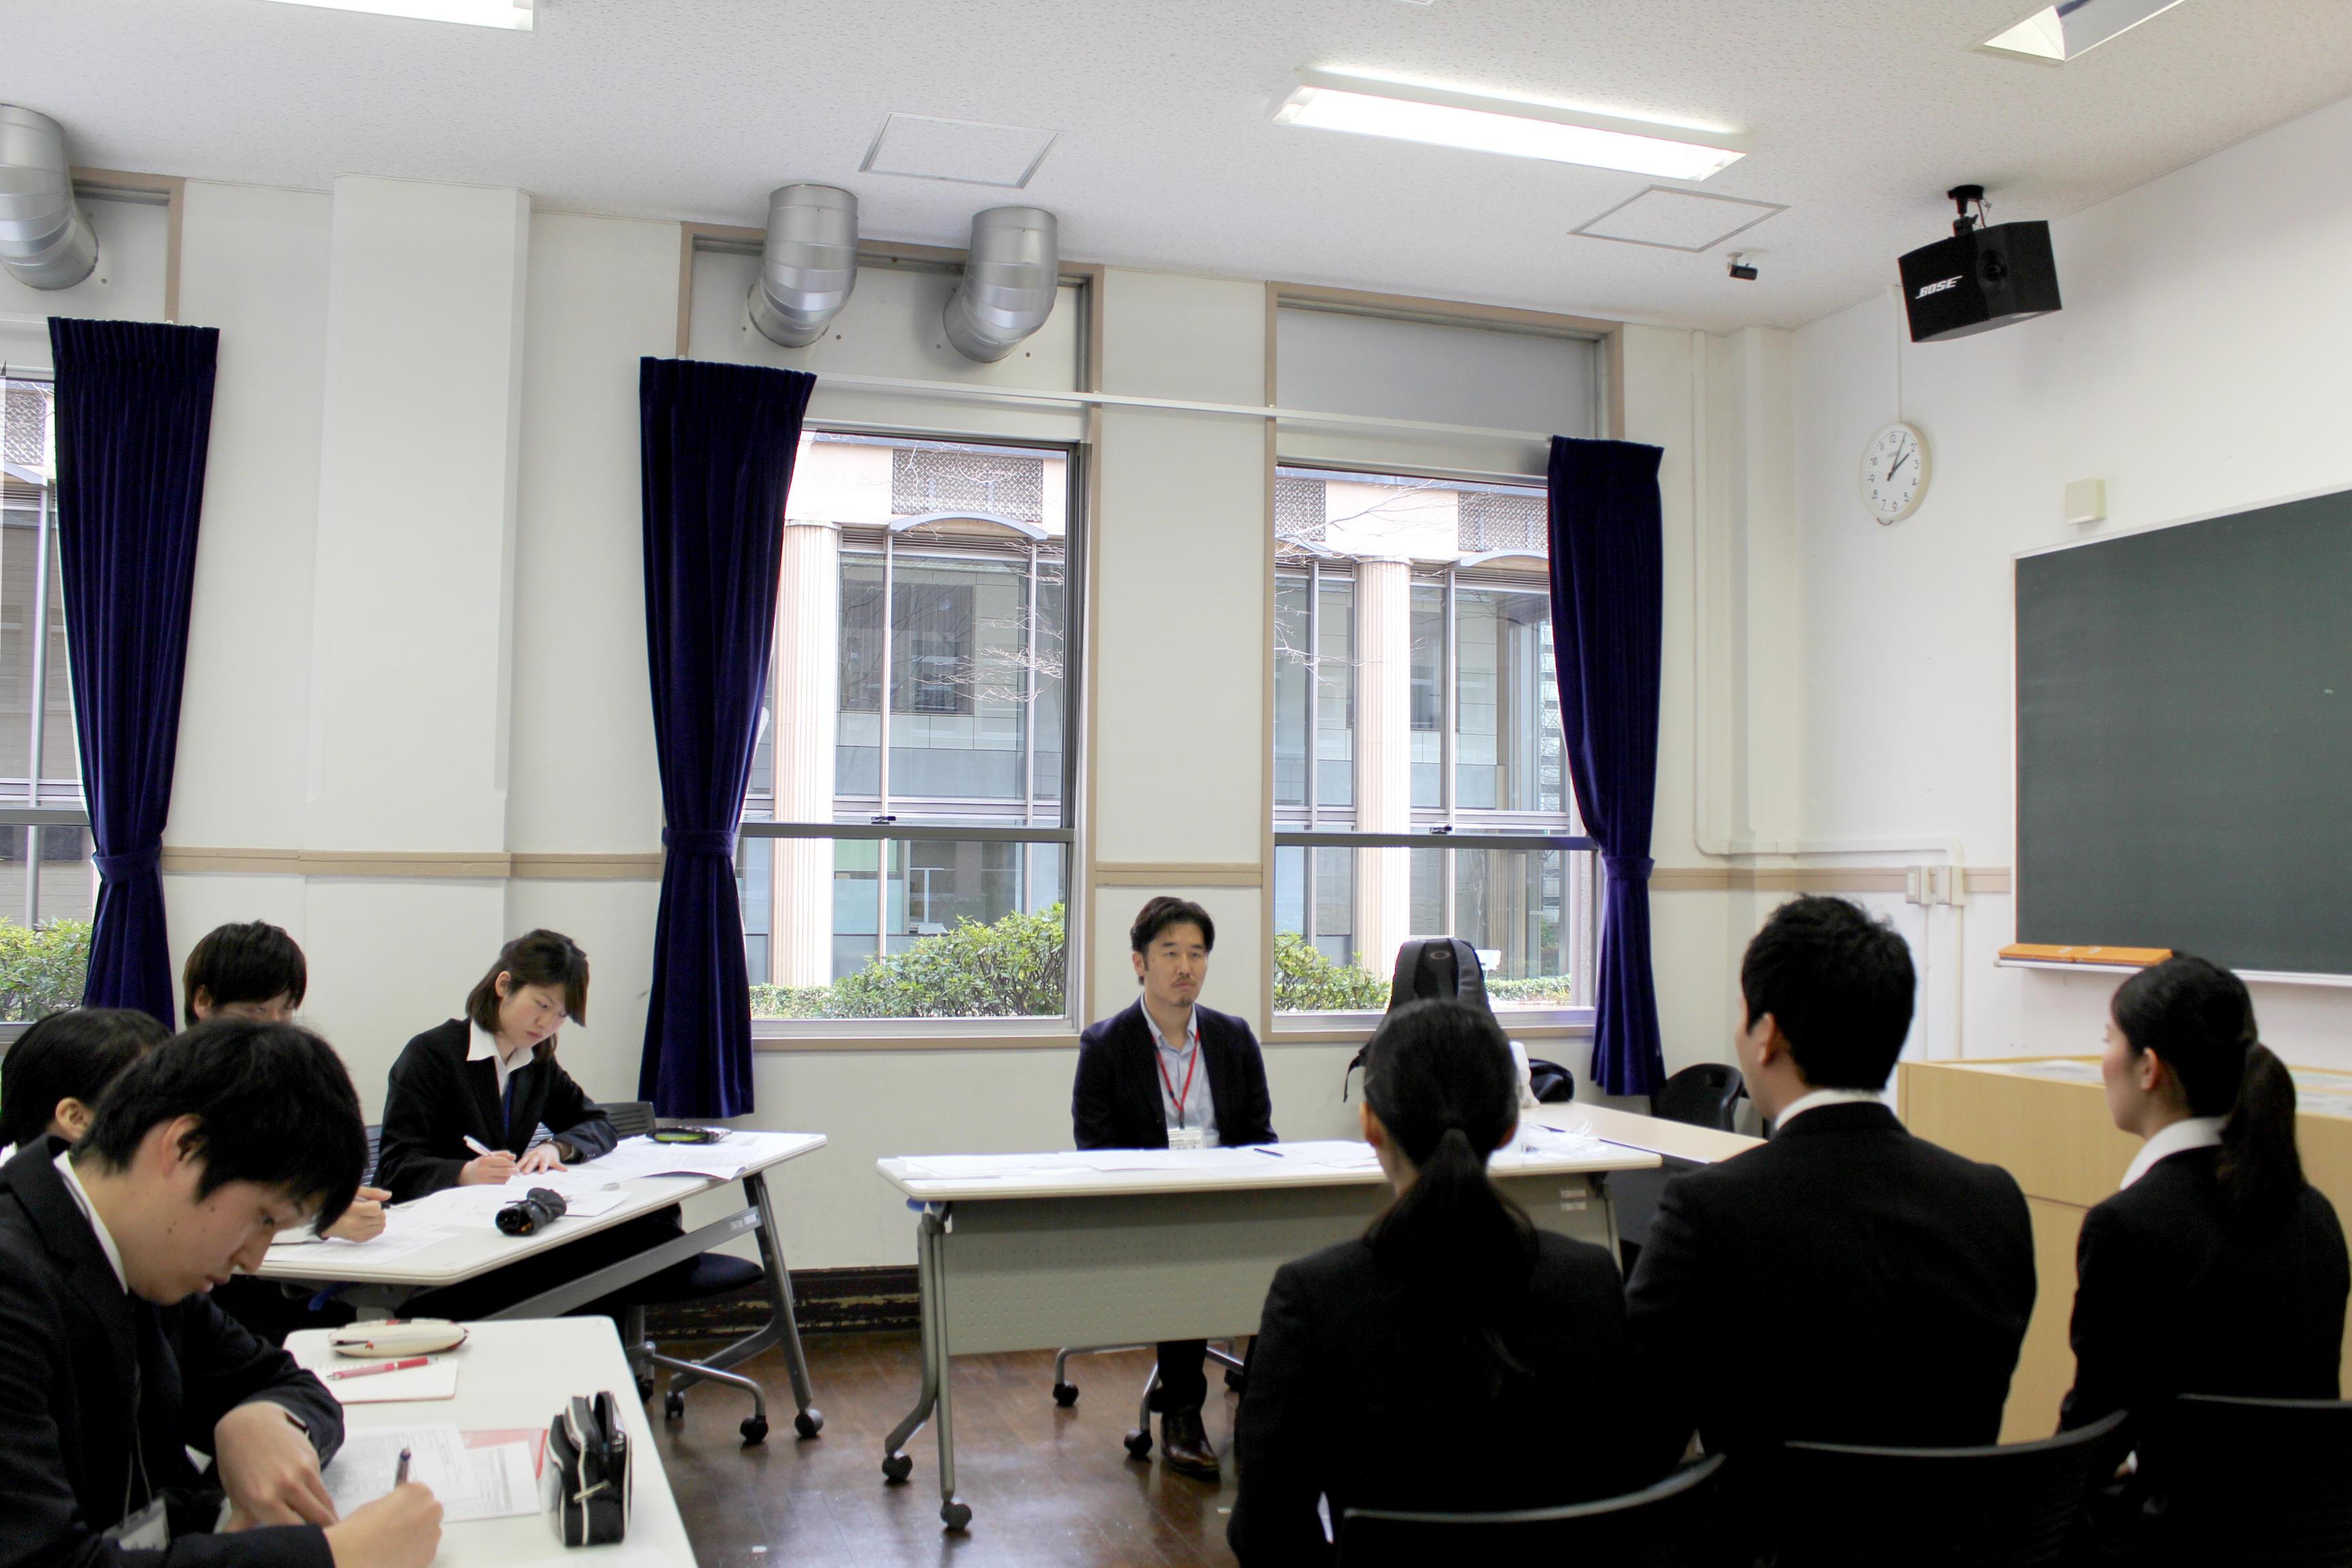 11月11日(土) -- ゼミ形式で行う、卒業生による実践的な就職支援プログラム -- 「武蔵しごと塾 ~課題発見とネクストアクション~」を開催 -- 武蔵大学